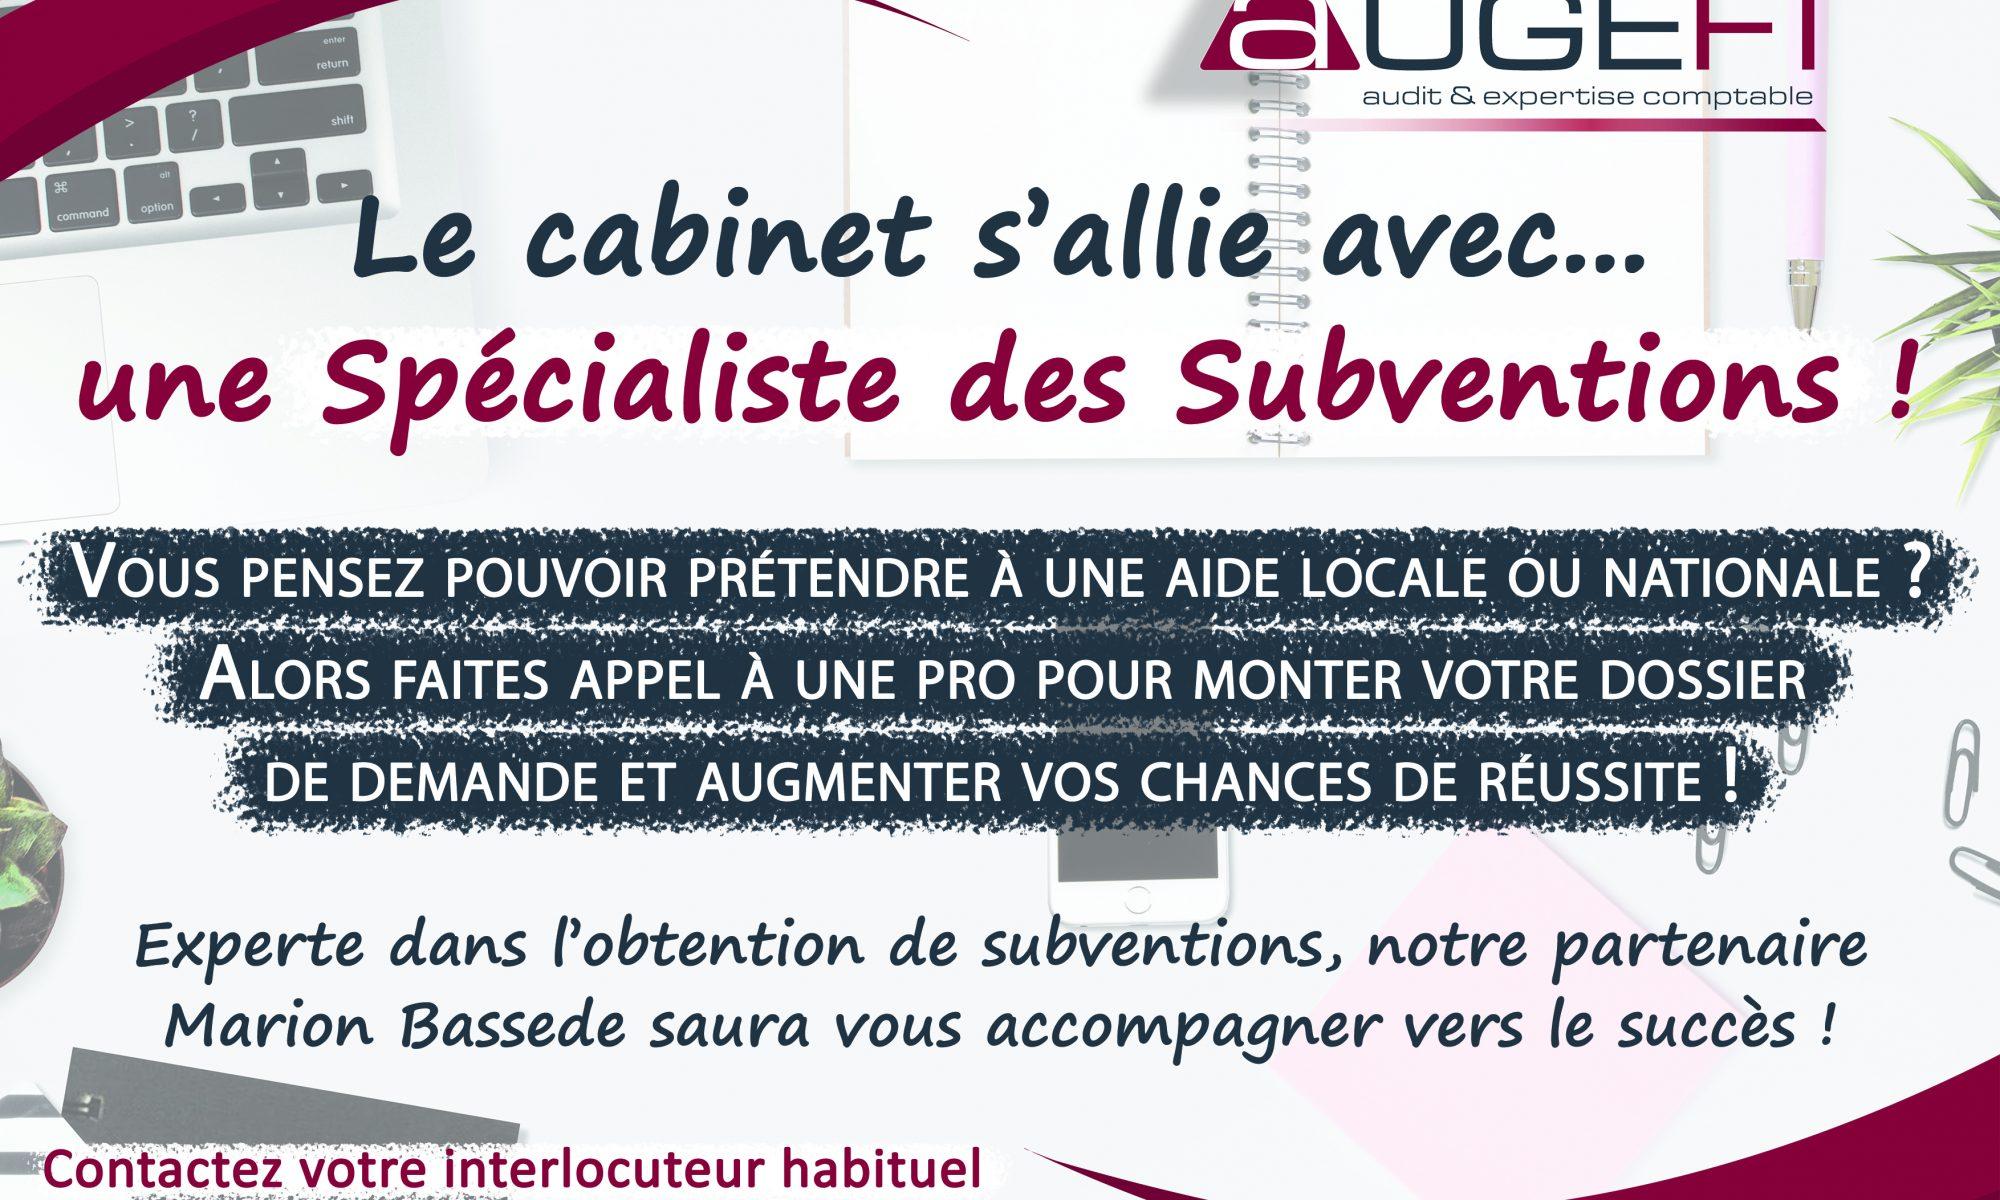 Partenariat Augefi avec Marion Bassede Spécialiste des subventions